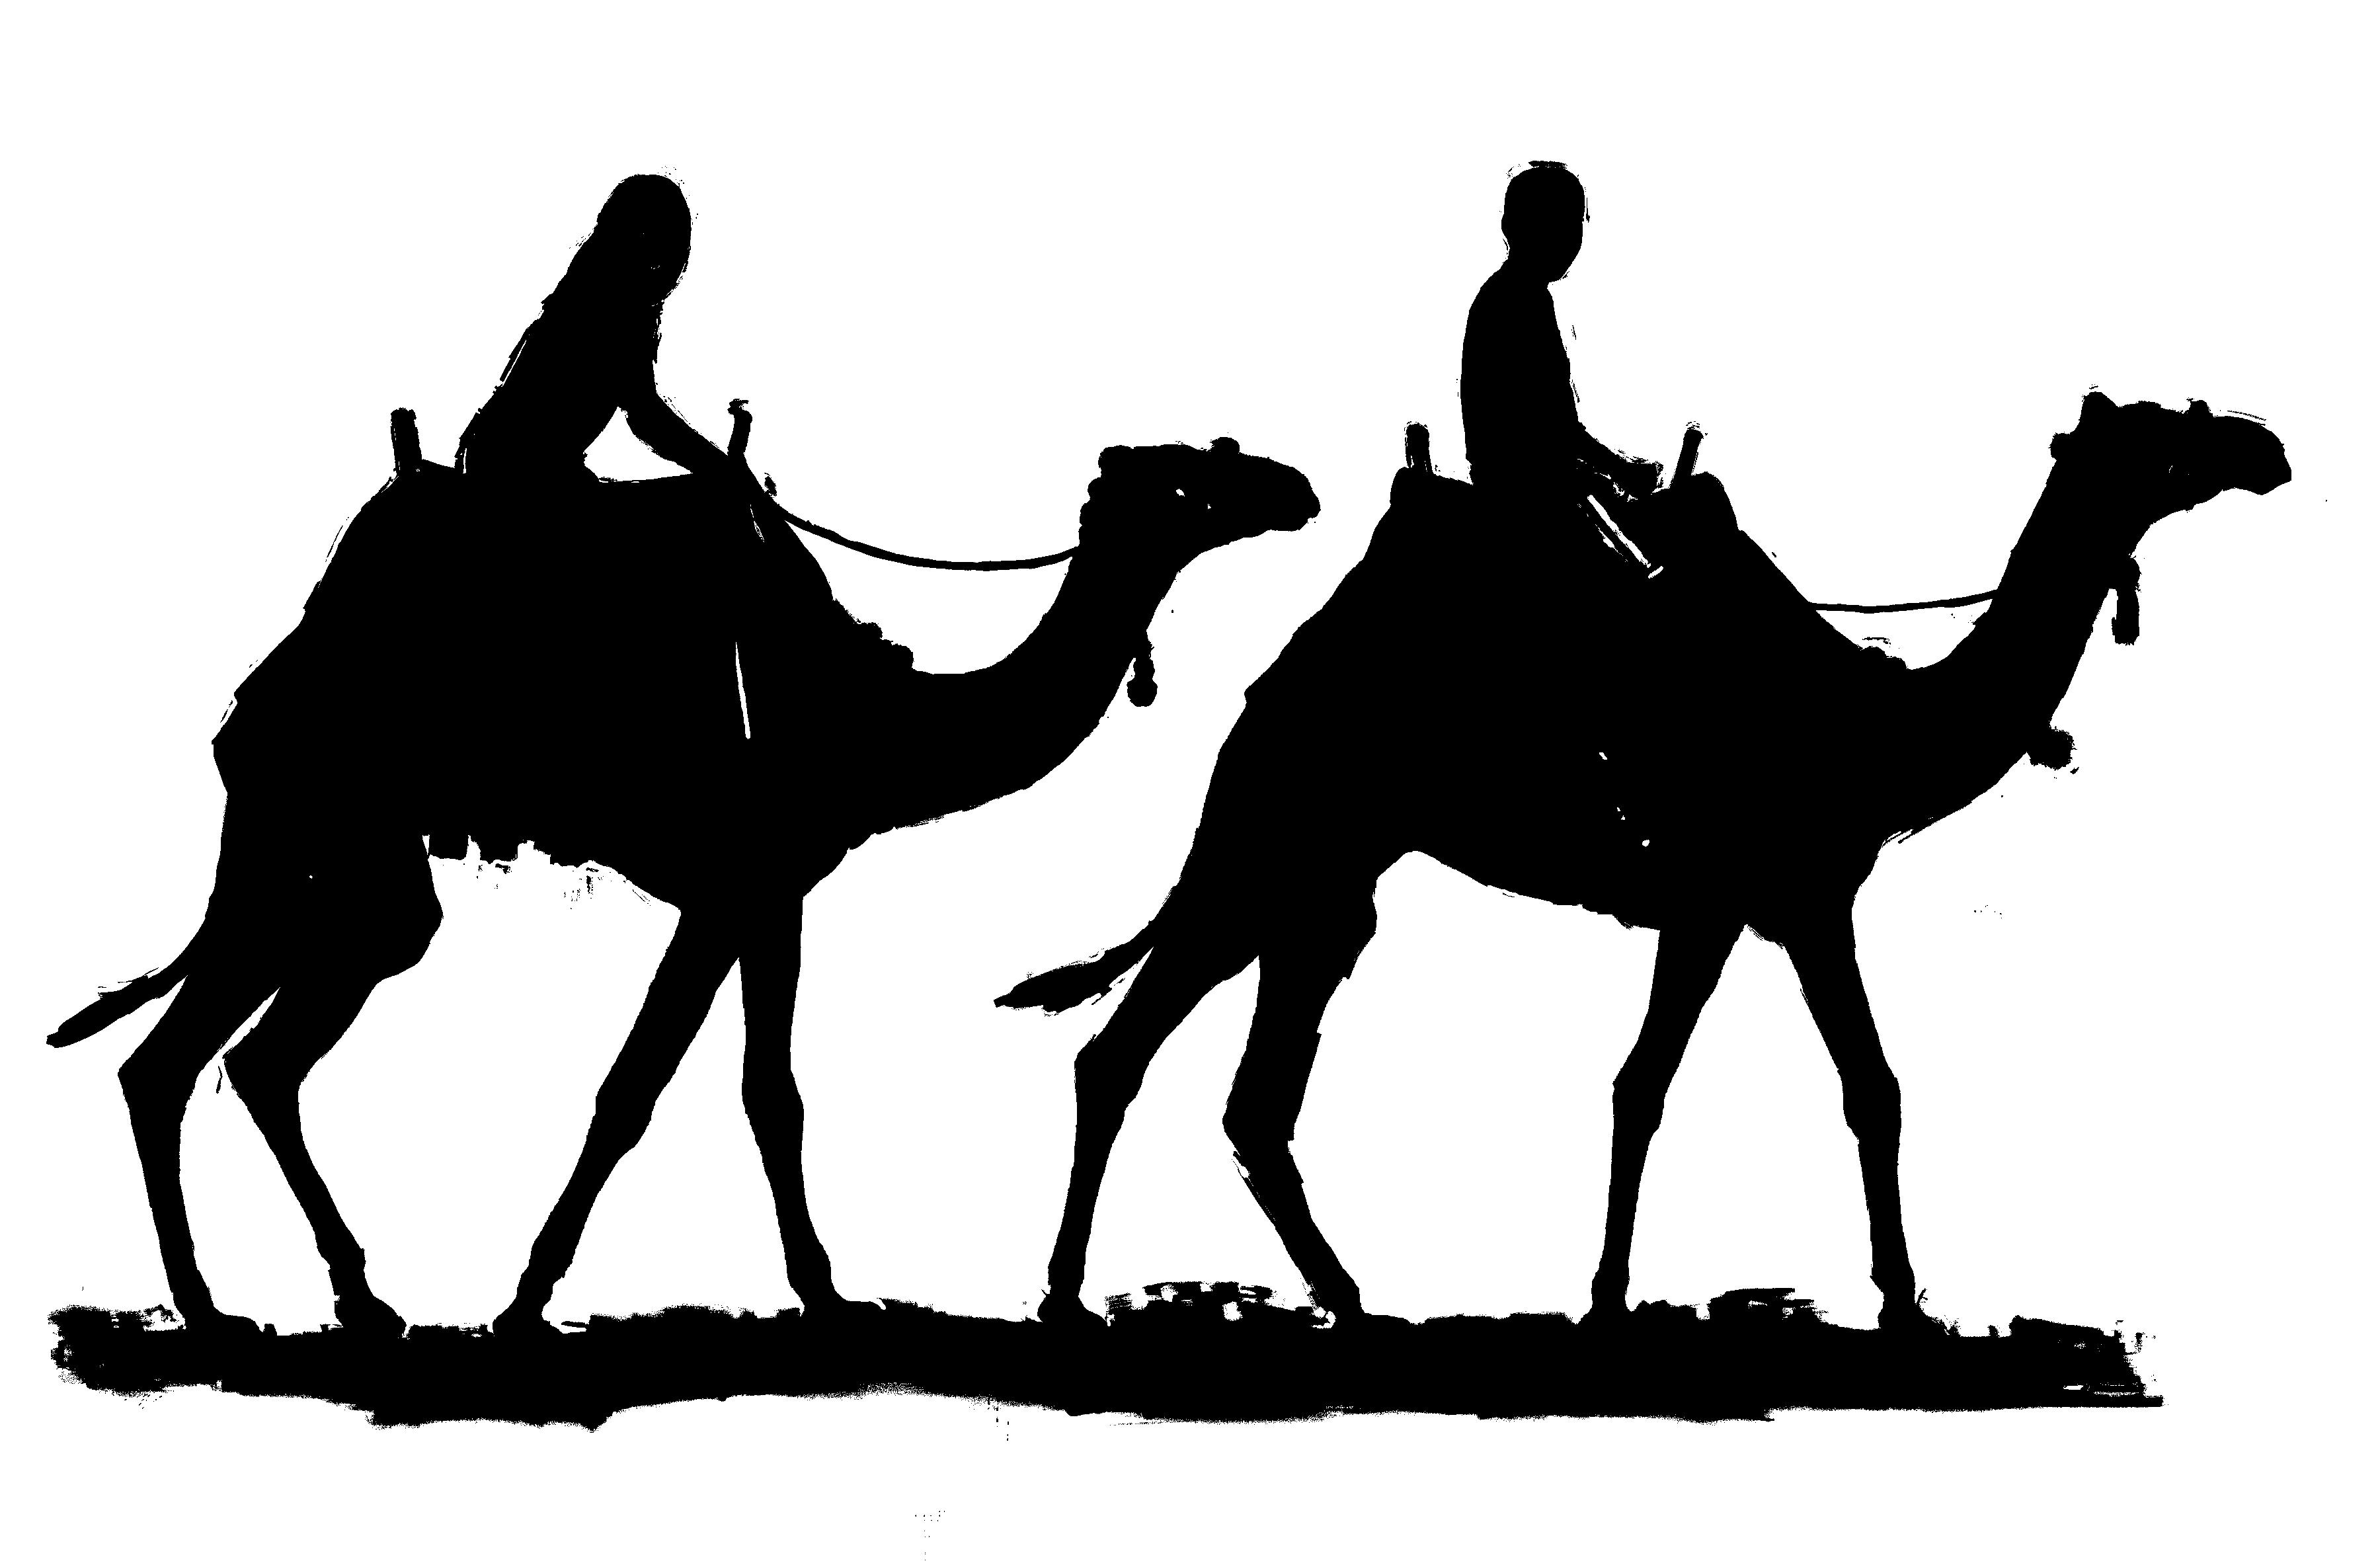 Camel Caravan clipart #4, Download drawings